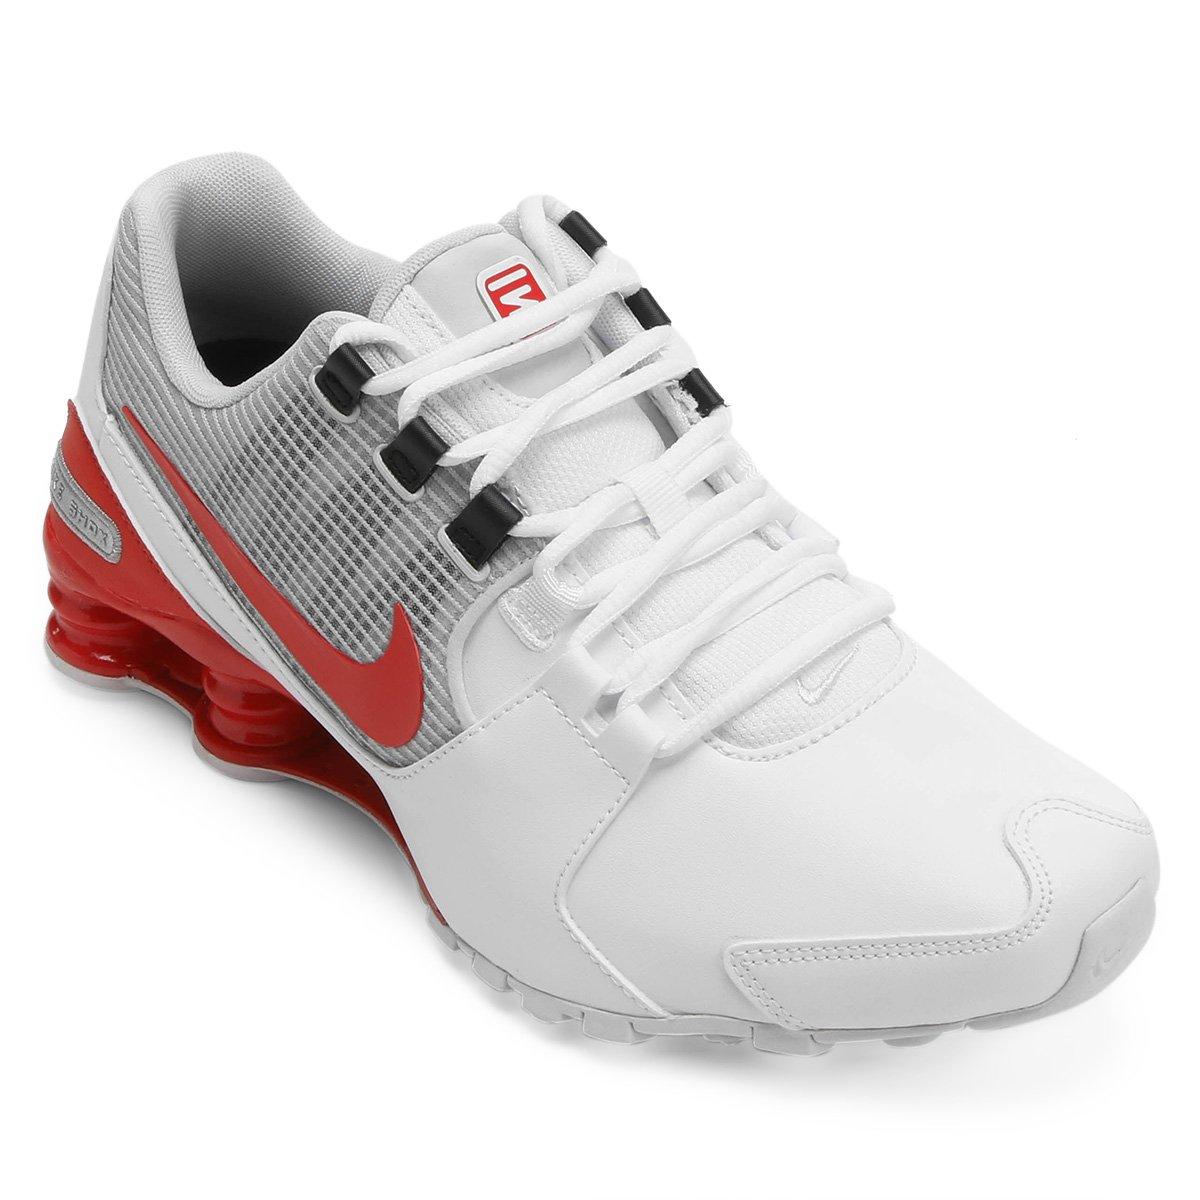 bcef847f50 Tênis Couro Nike Shox Avenue LTR Masculino - Vermelho e Branco ...